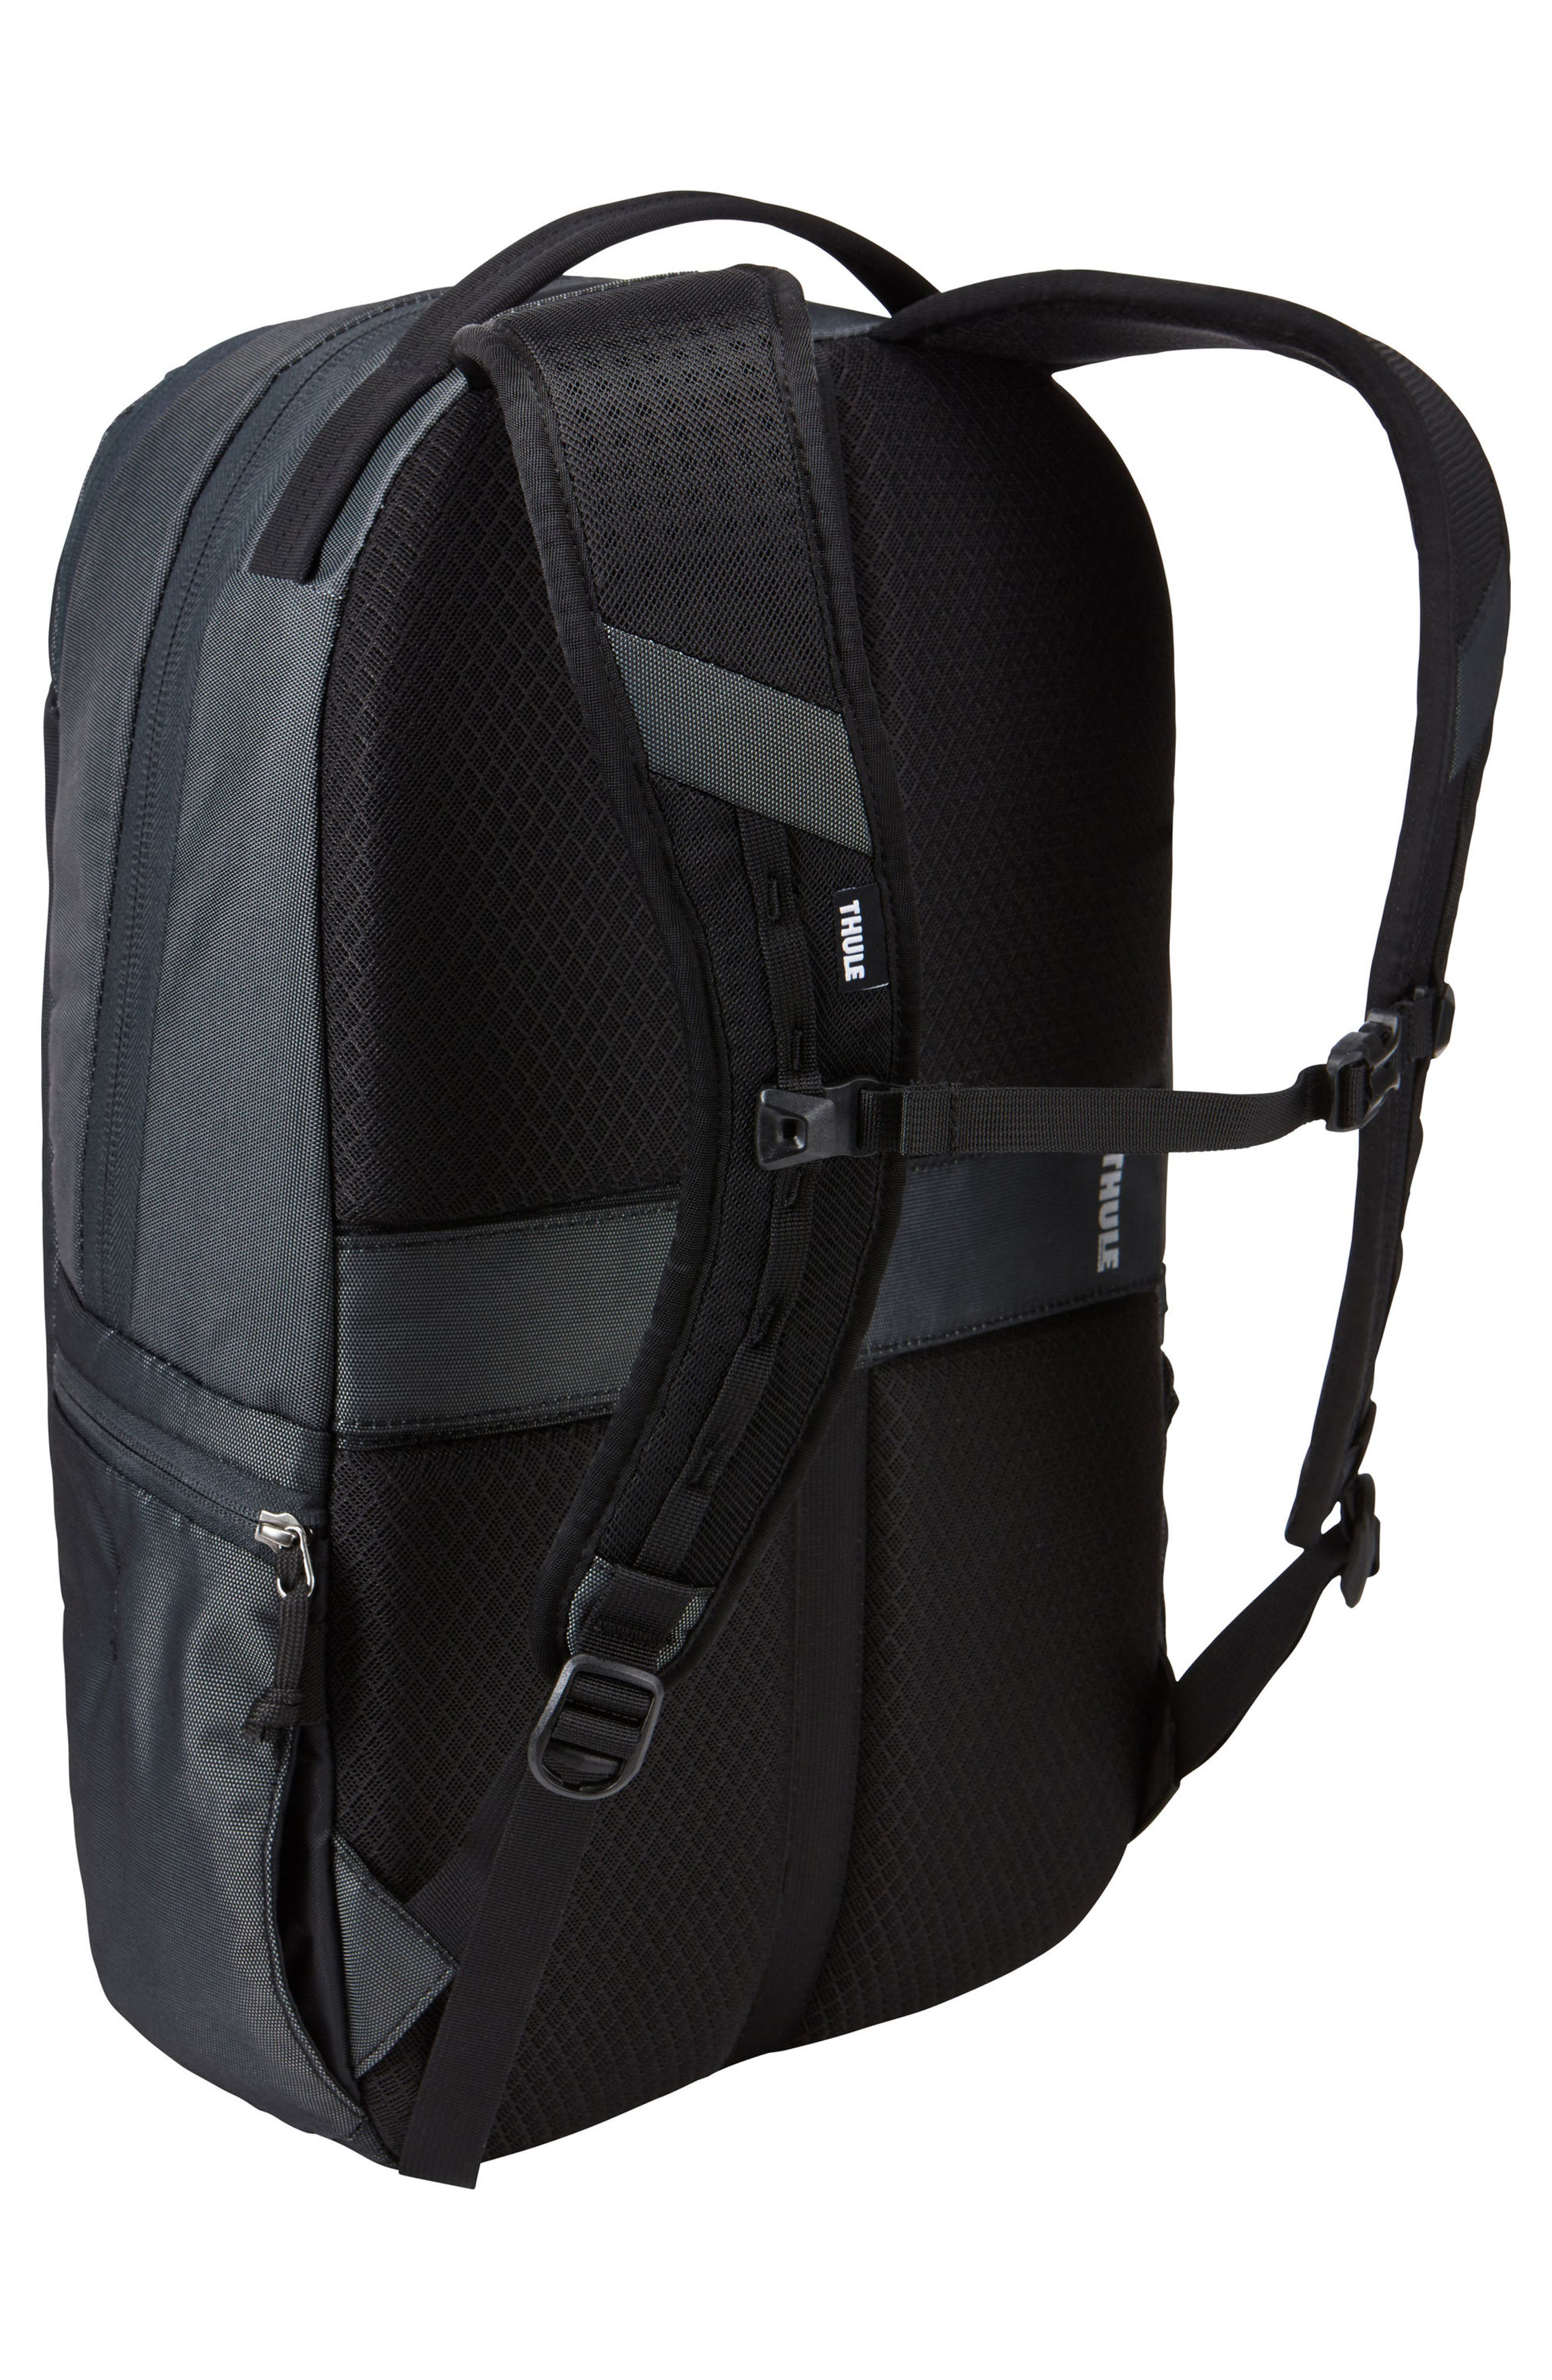 Alternate Image 2  - Thule Subterra 23-Liter Backpack